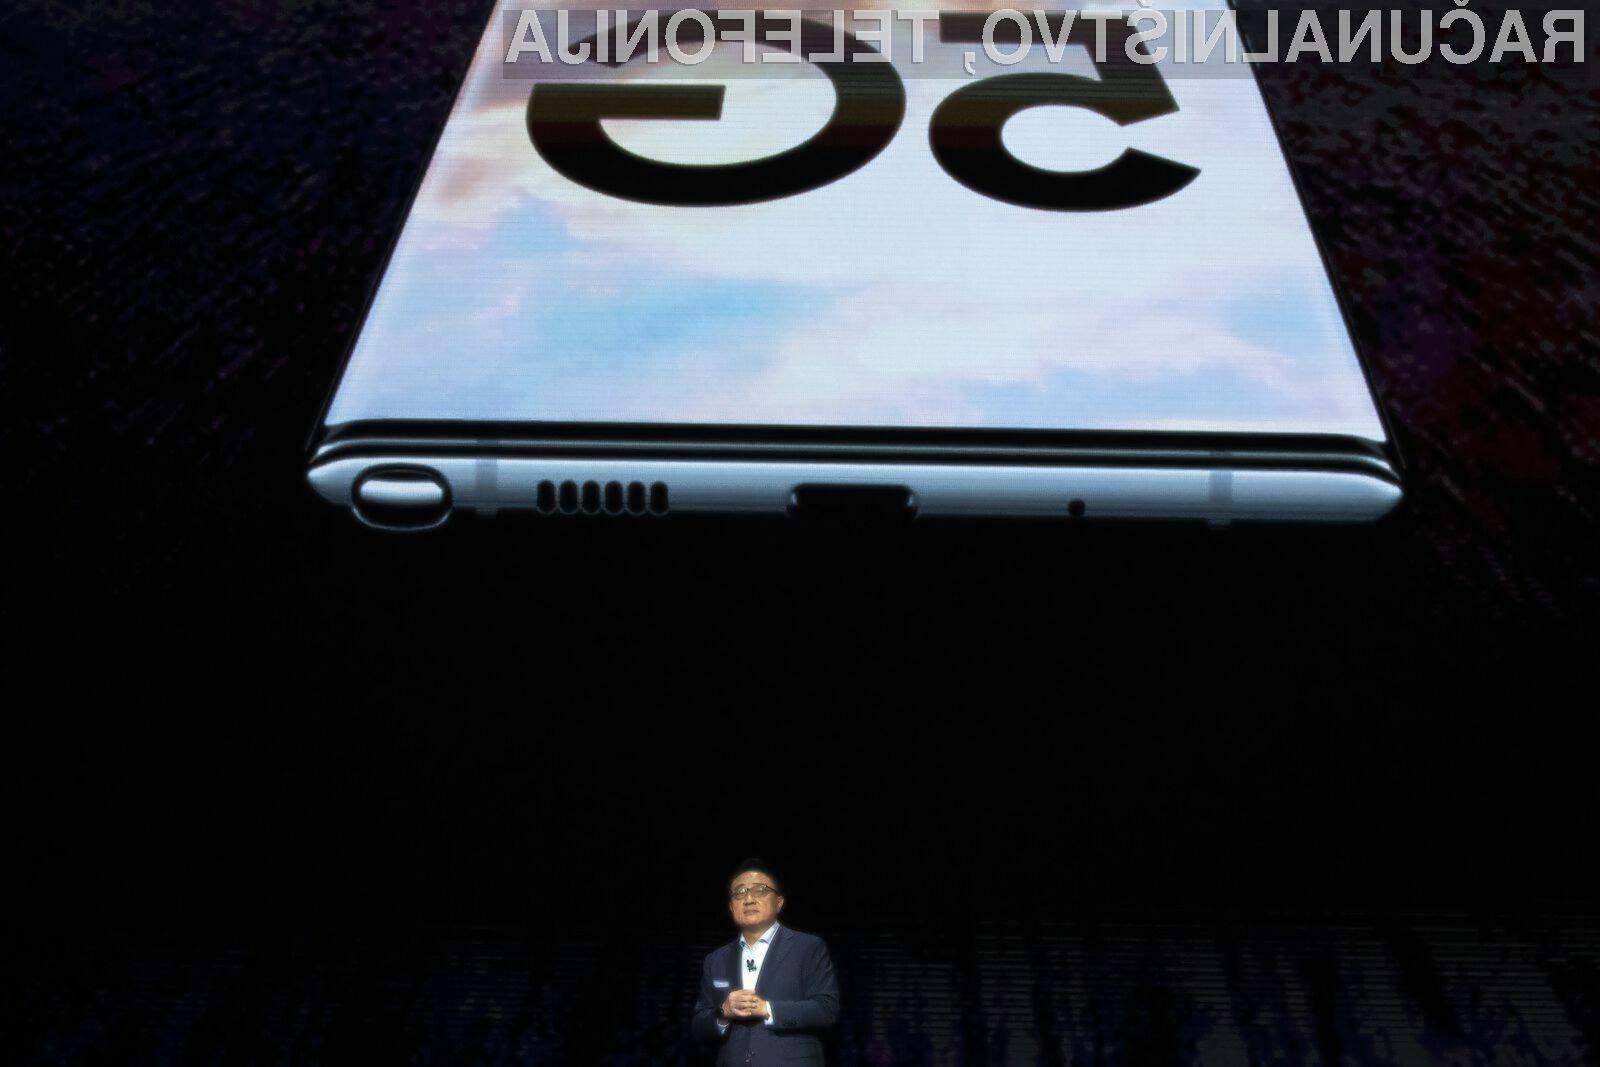 Pametni mobilni telefoni Samsung Galaxy S11 bodo še večji od zdajšnjih modelov.